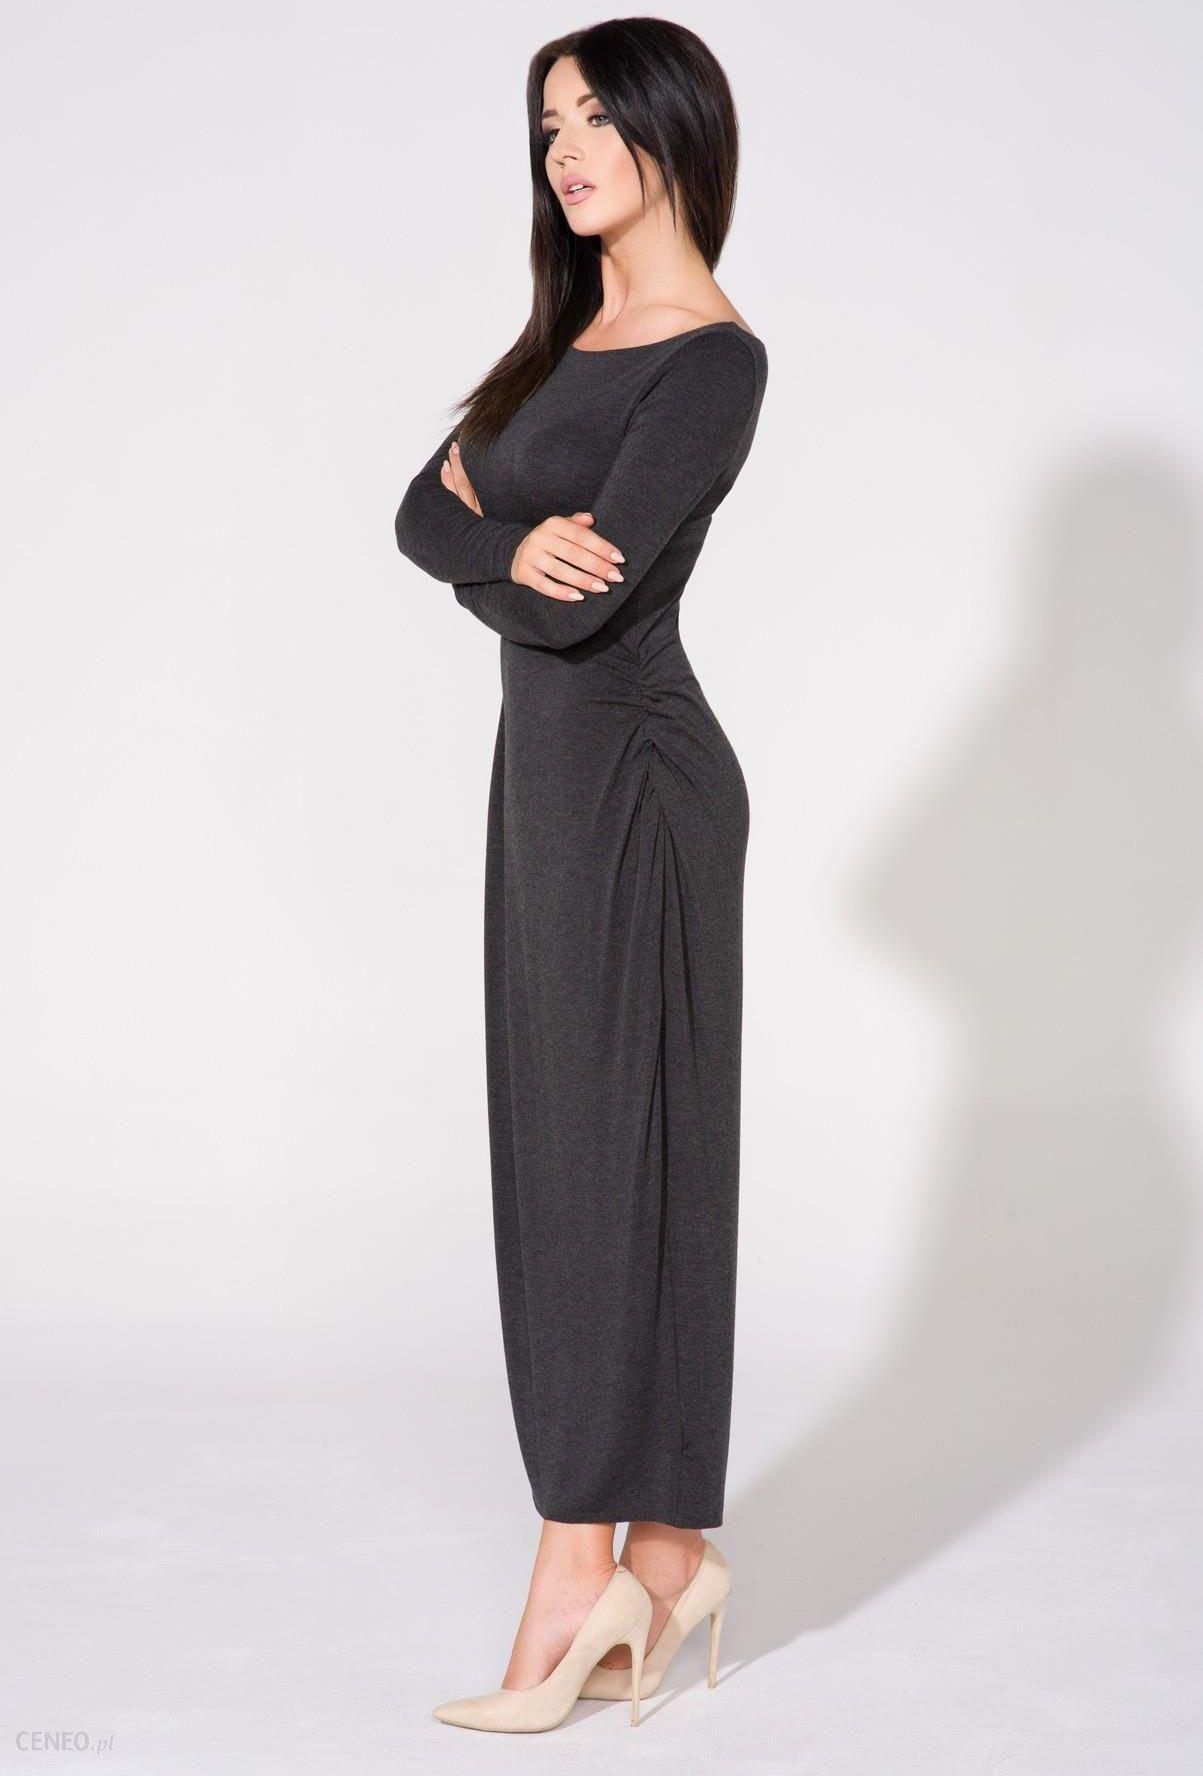 632722bedf Sukienka maxi z długim rękawem ciemnoszara T143 - Ceny i opinie ...